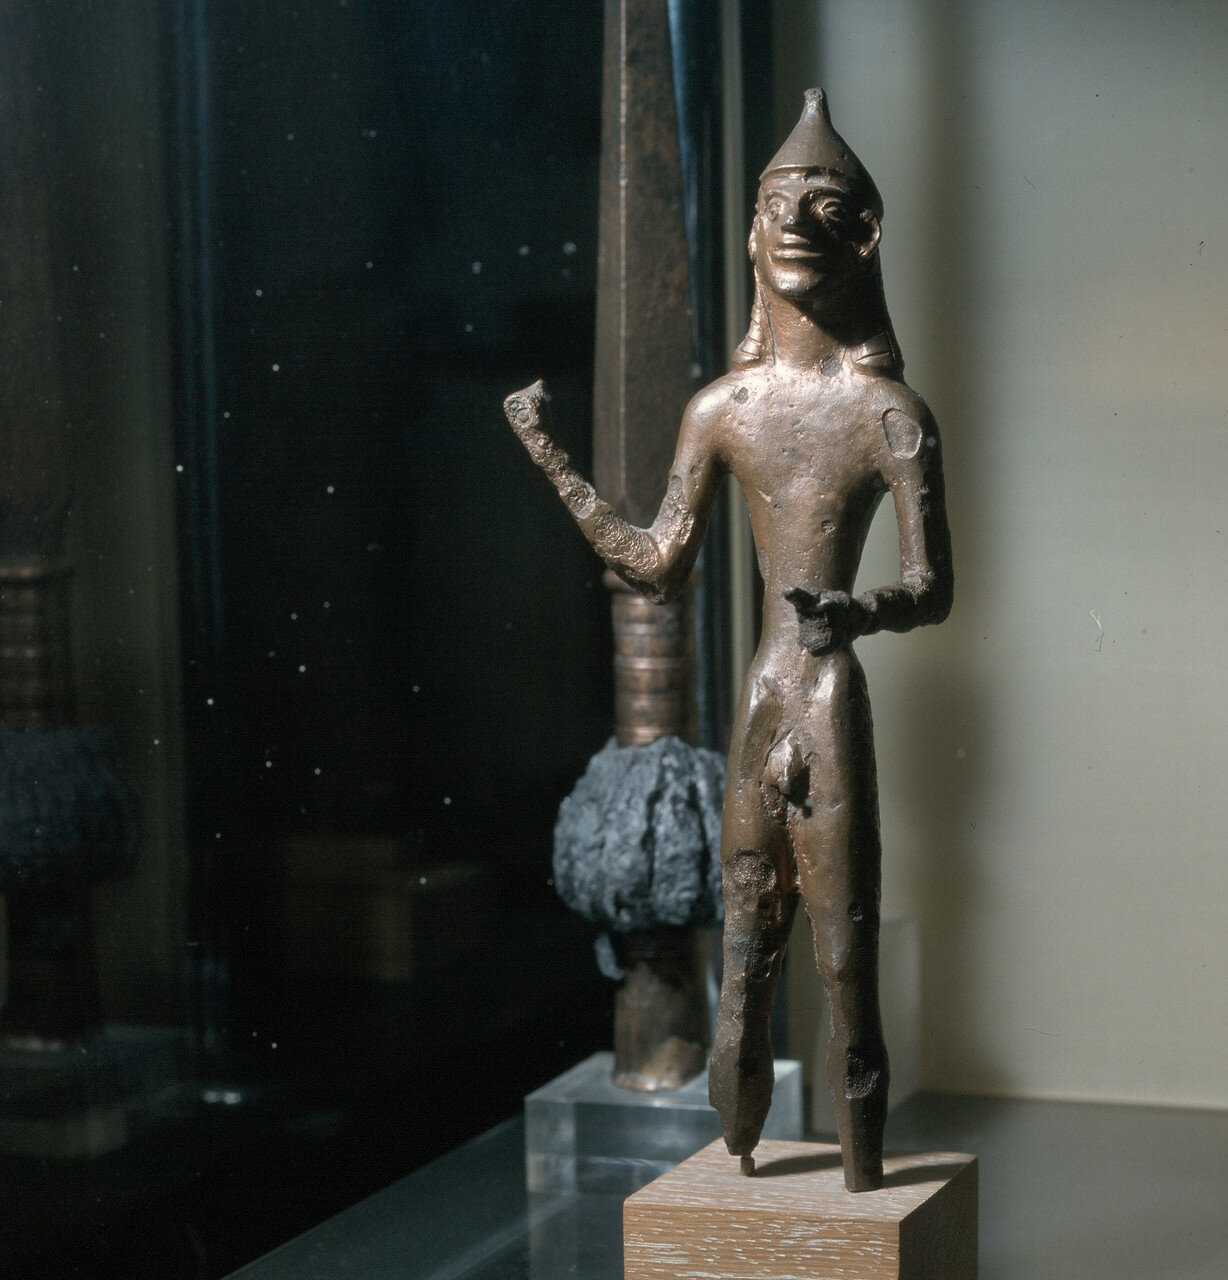 Афины. Национальный археологический музей. Богоявление Зевса. Олимпия